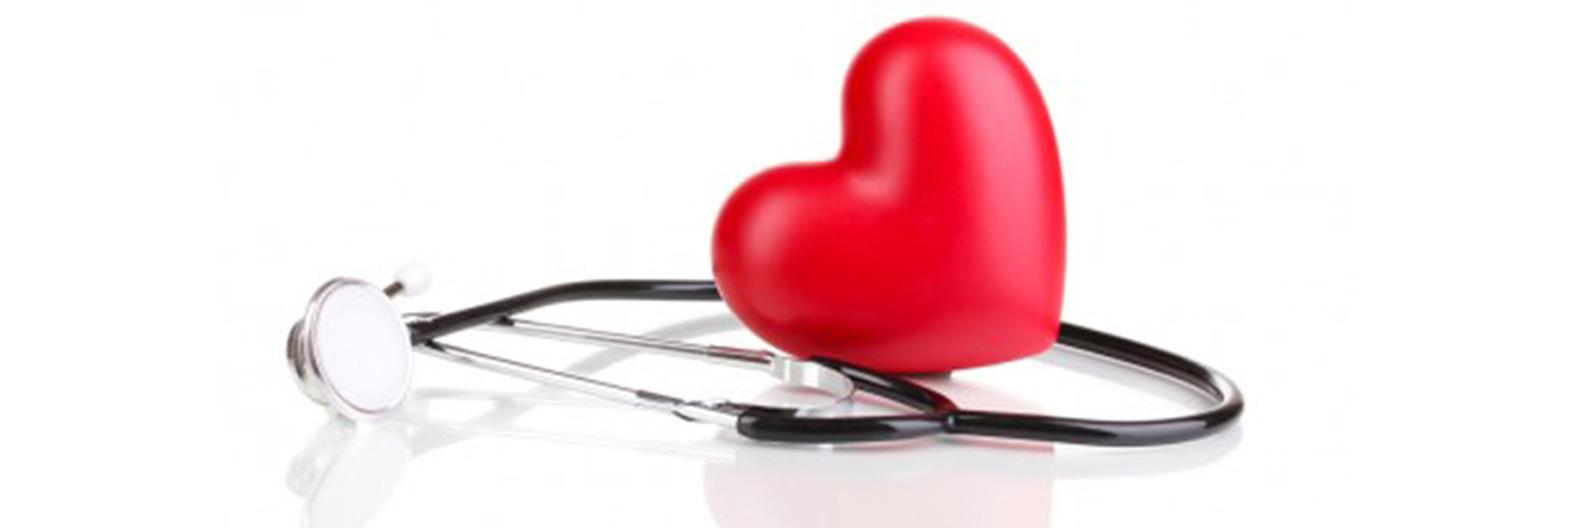 hipertenzija, kas yra viršutinė ir apatinė